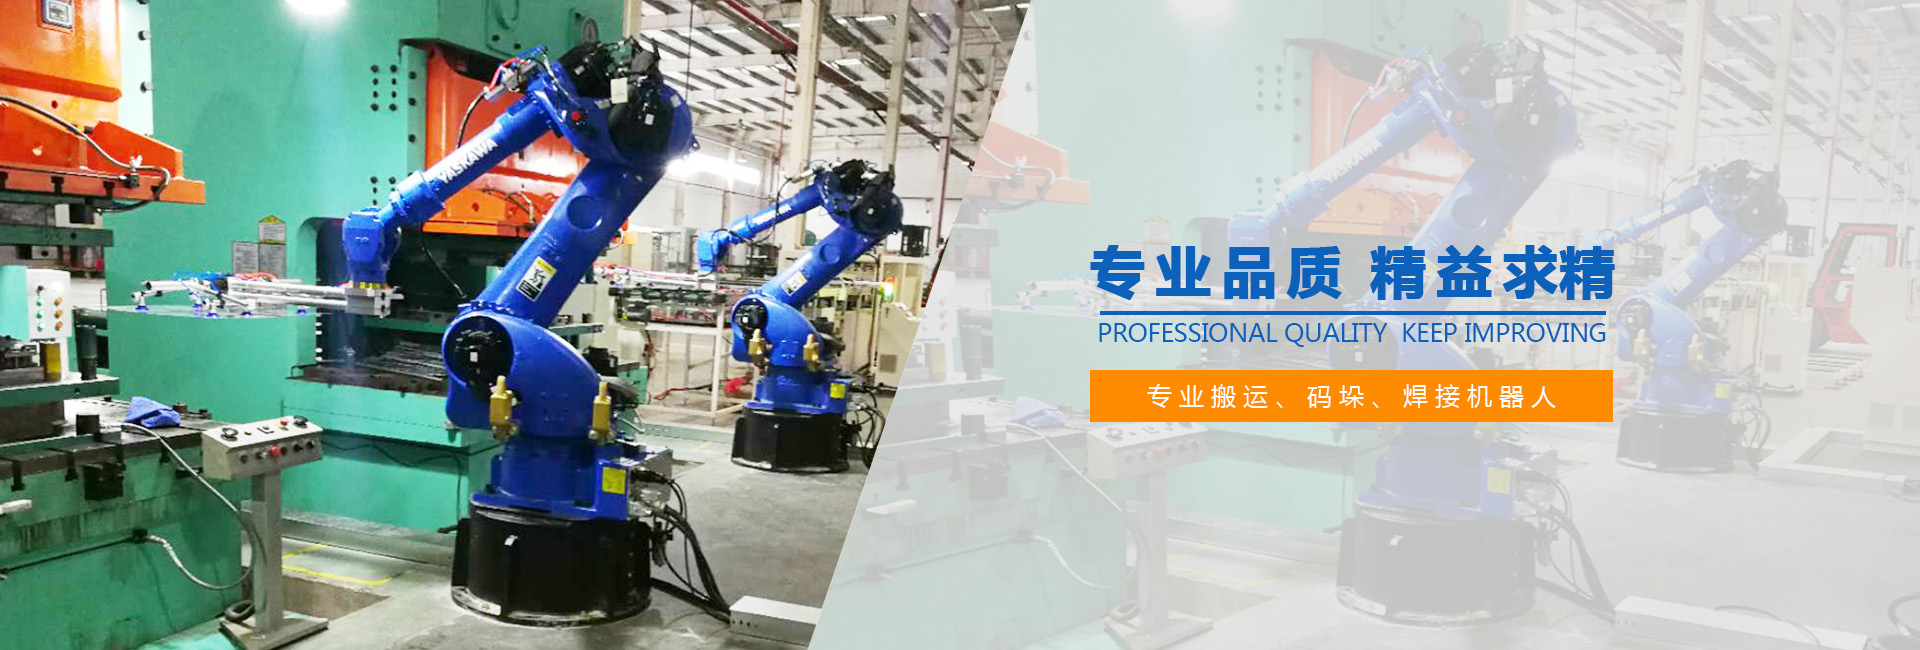 自动化冲压机械手,搬运码垛机器人,冲压自动化设备